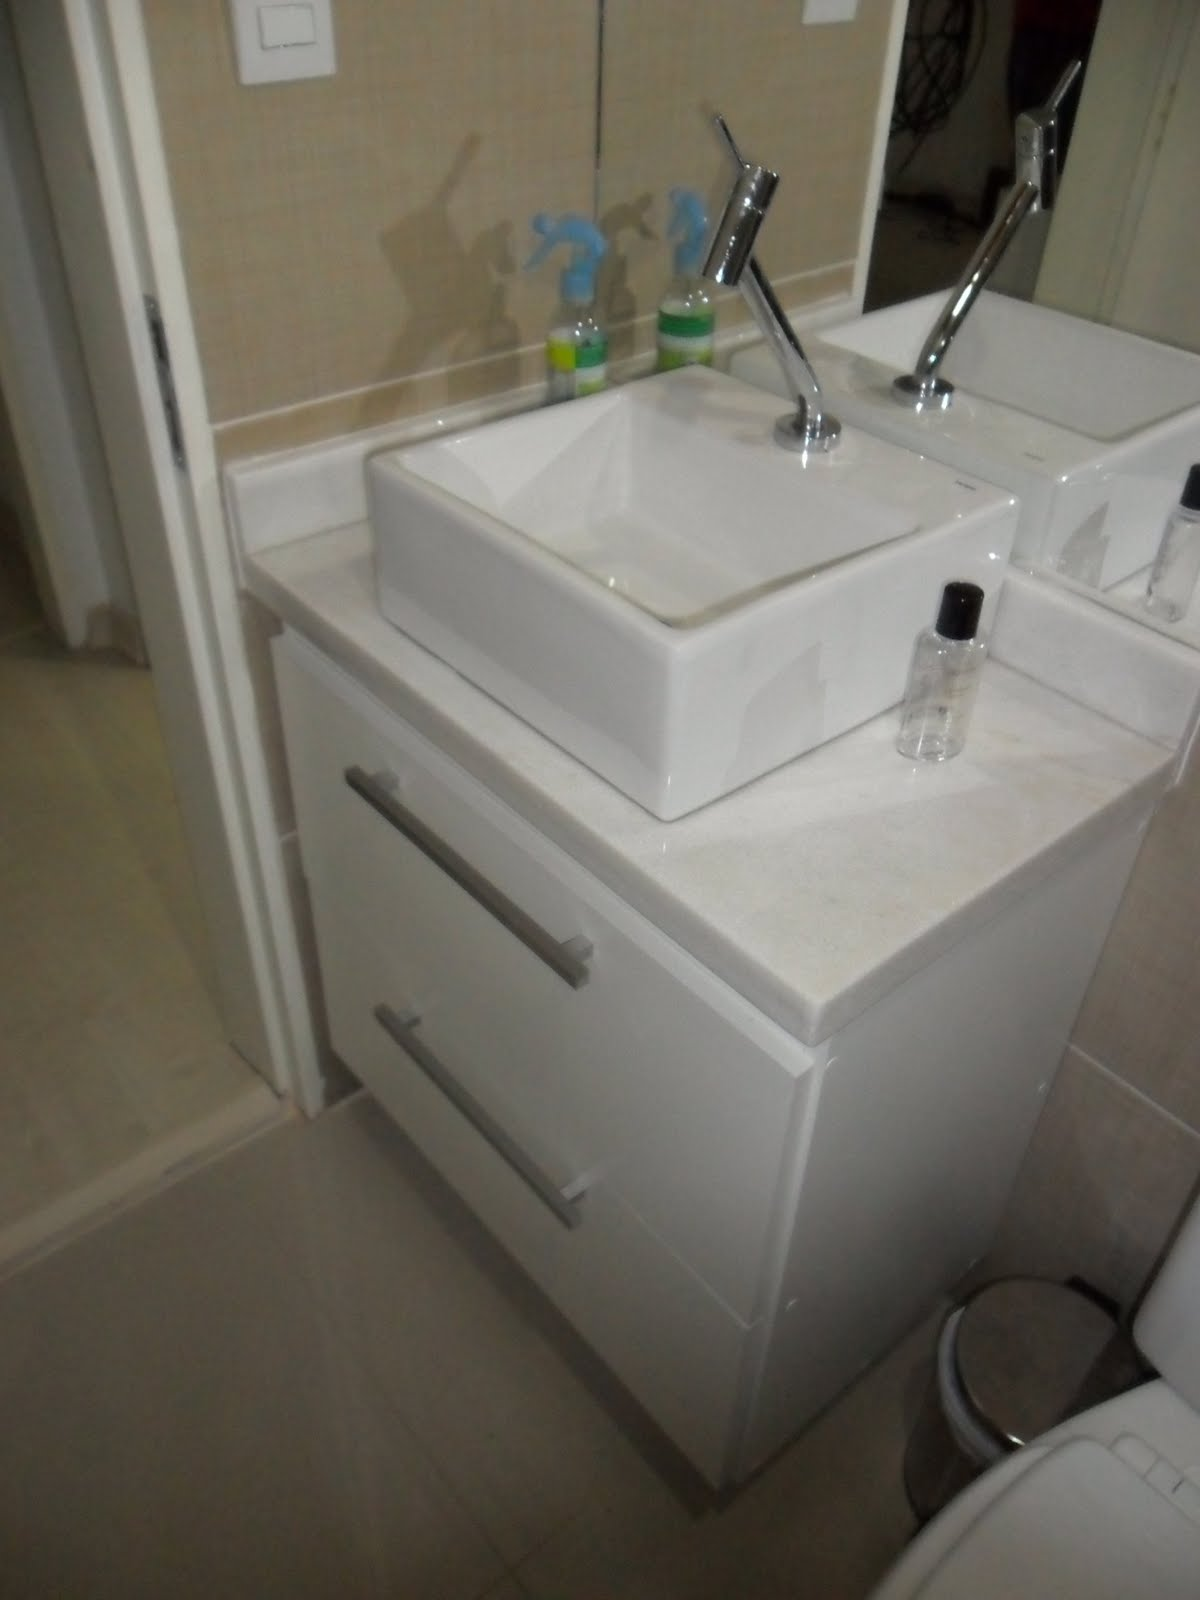 Arquitetura: Cozinha e Banheiro de apartamento renovados!!! #4A636D 1200x1600 Banheiro Com Bancada Branca